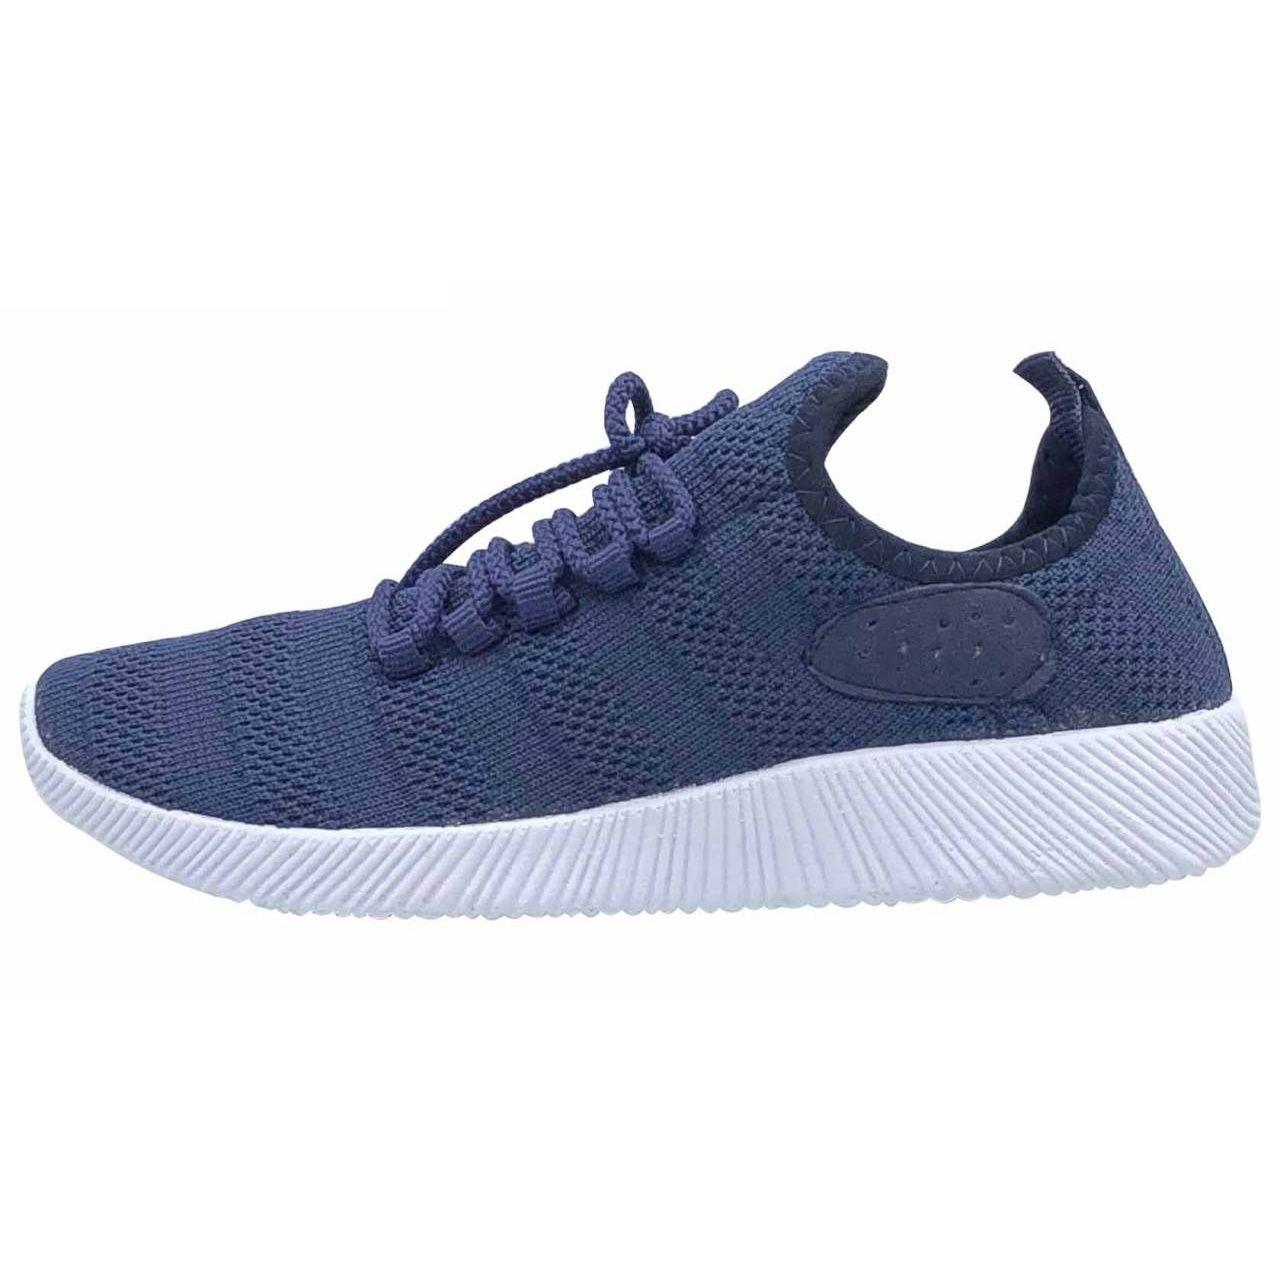 کفش مخصوص پیاده روی مردانه کد 3011 main 1 1